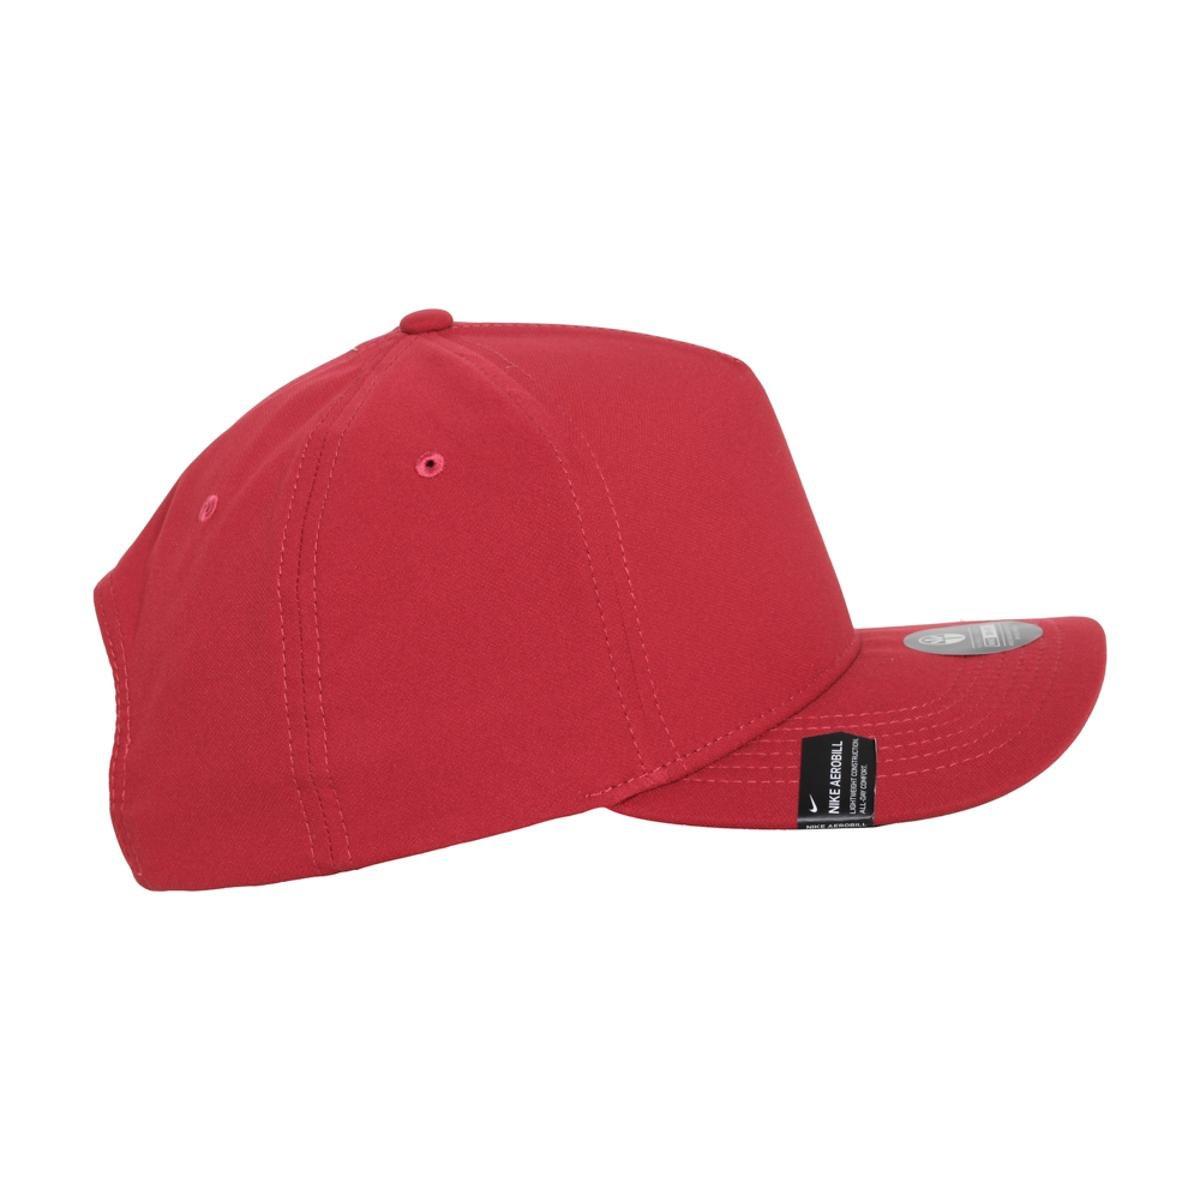 Boné Hurley Dri-Fit - Vermelho - Compre Agora  1676e498670